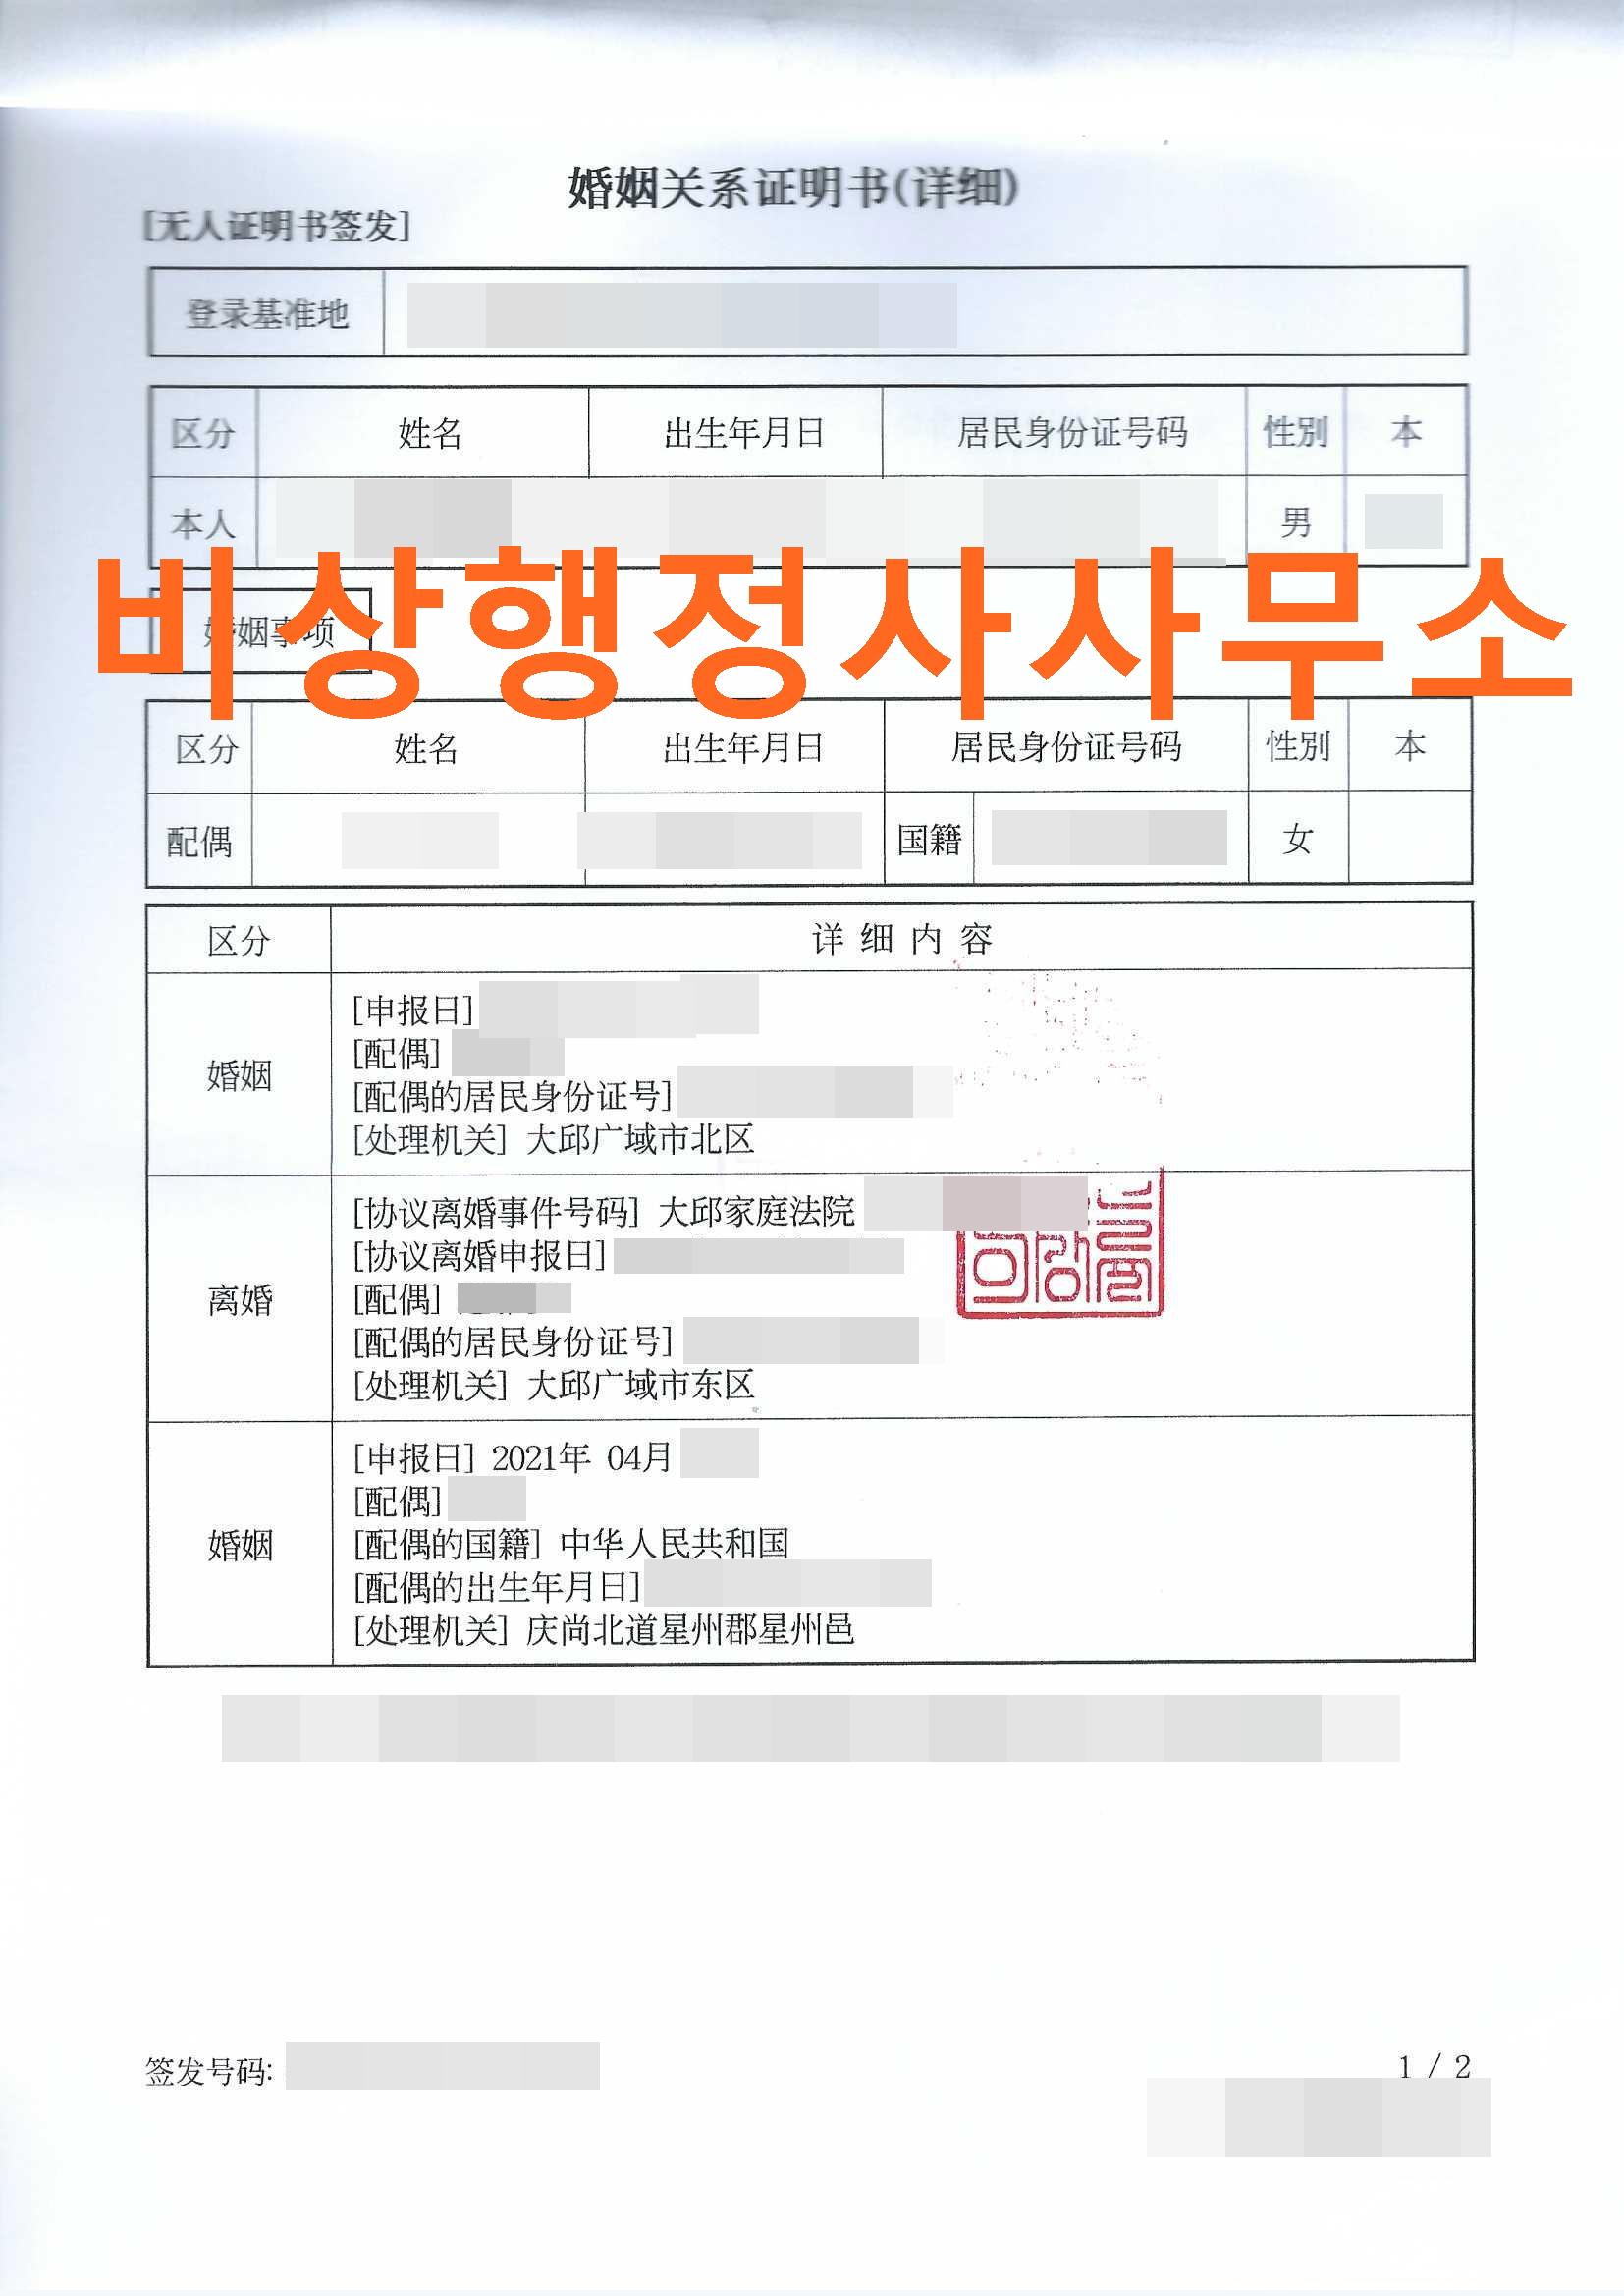 [꾸미기]페이지_ 혼인관계증명서번역공증(d원종필님).jpg